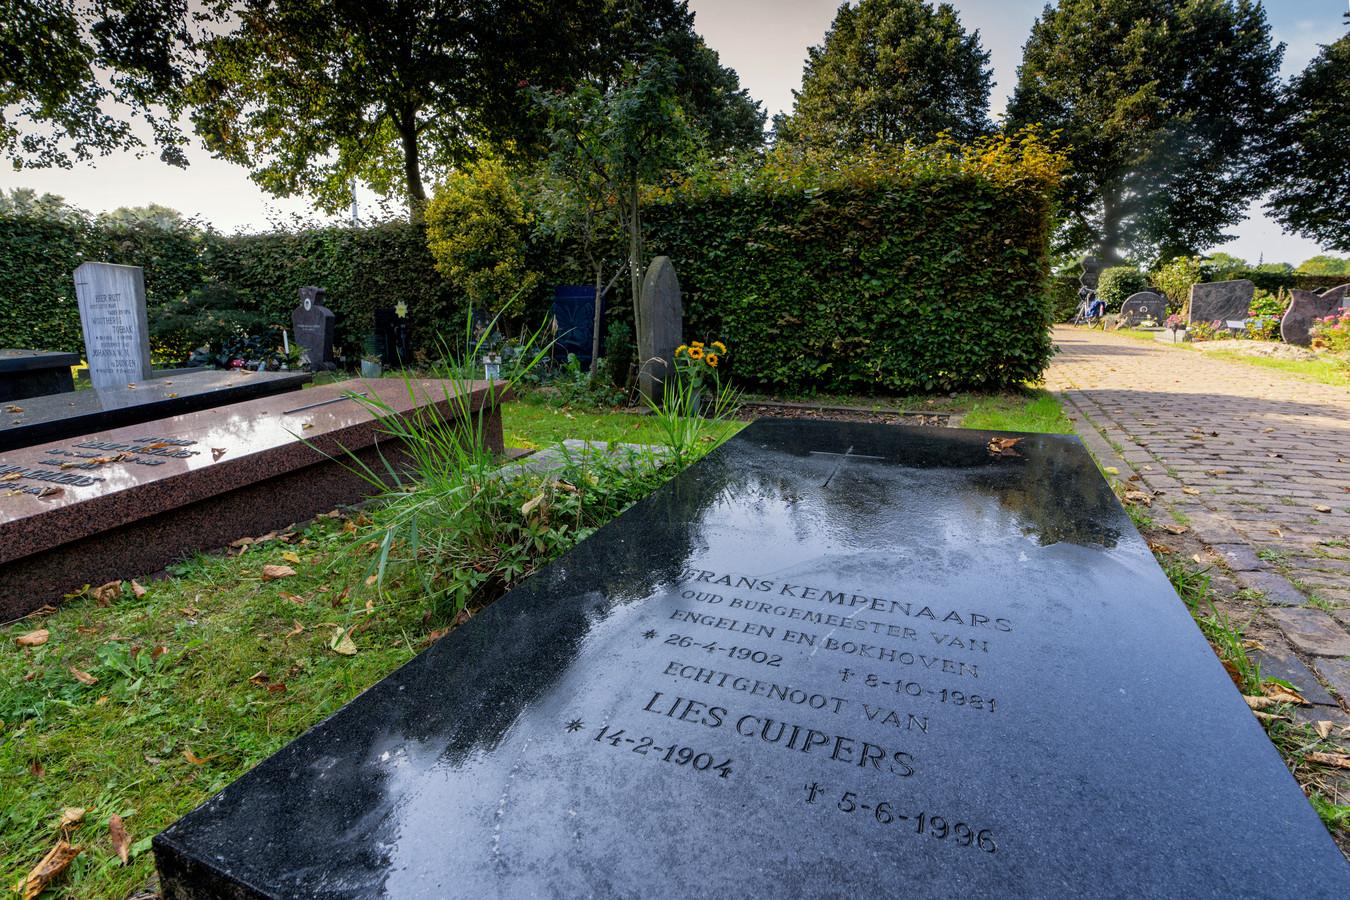 Het graf van oud-burgemeester Kempenaars en zijn vrouw.